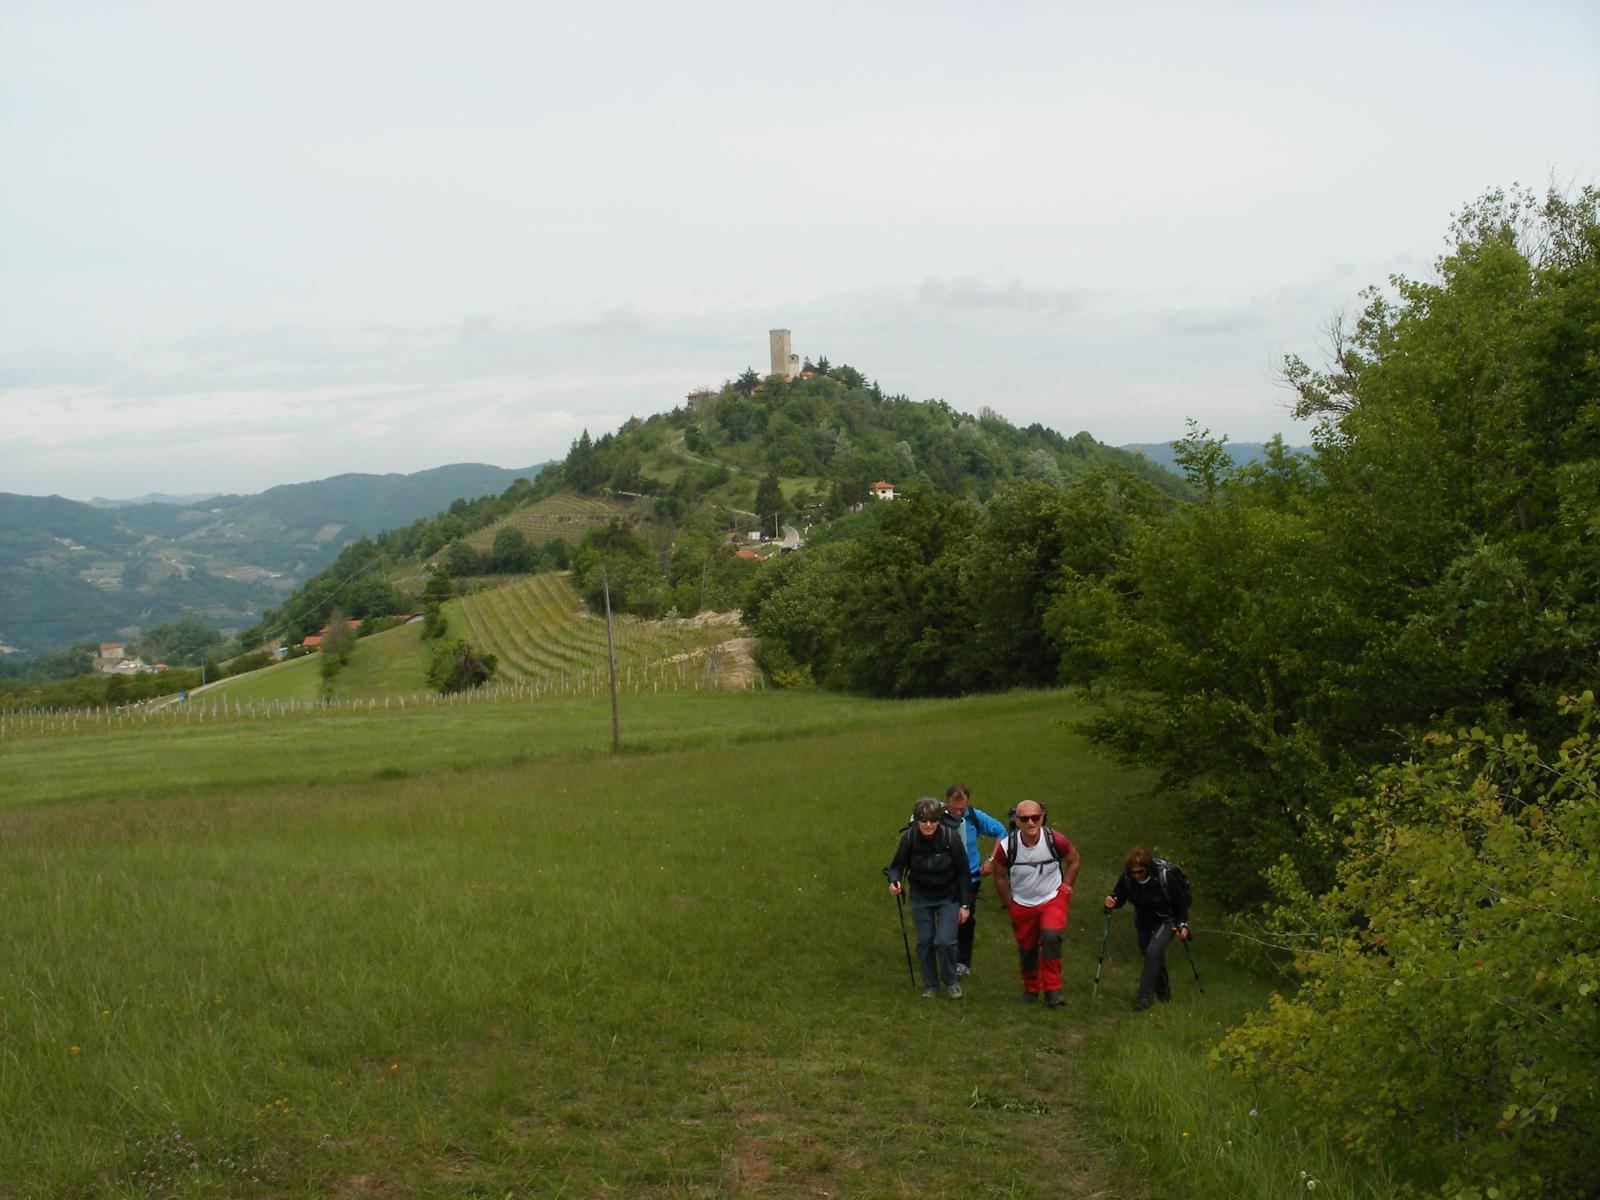 Roccaverano (Torre di) da Monastero Bormida, anello delle 5 torri 2014-05-11